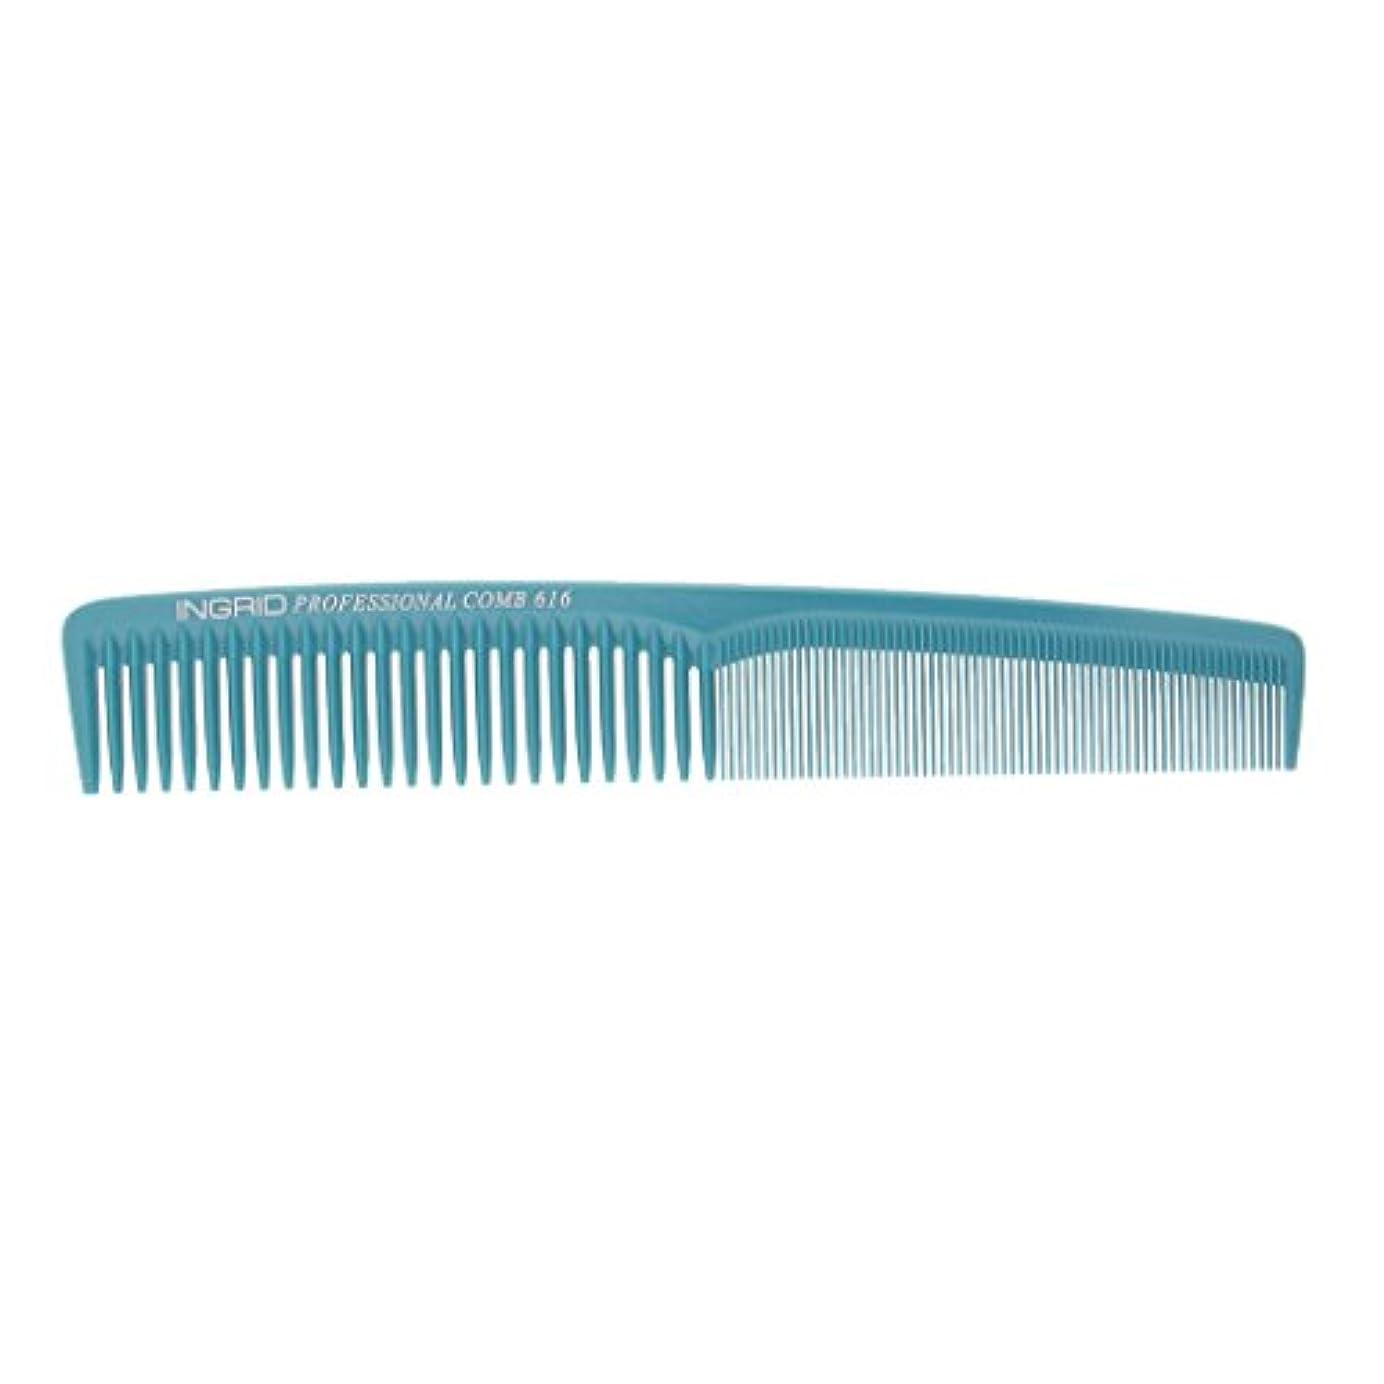 過去苦情文句壊滅的なFutuHome ファッショナブルなヘアカット理髪師美容院プラスチック製の櫛 - ライトブルー